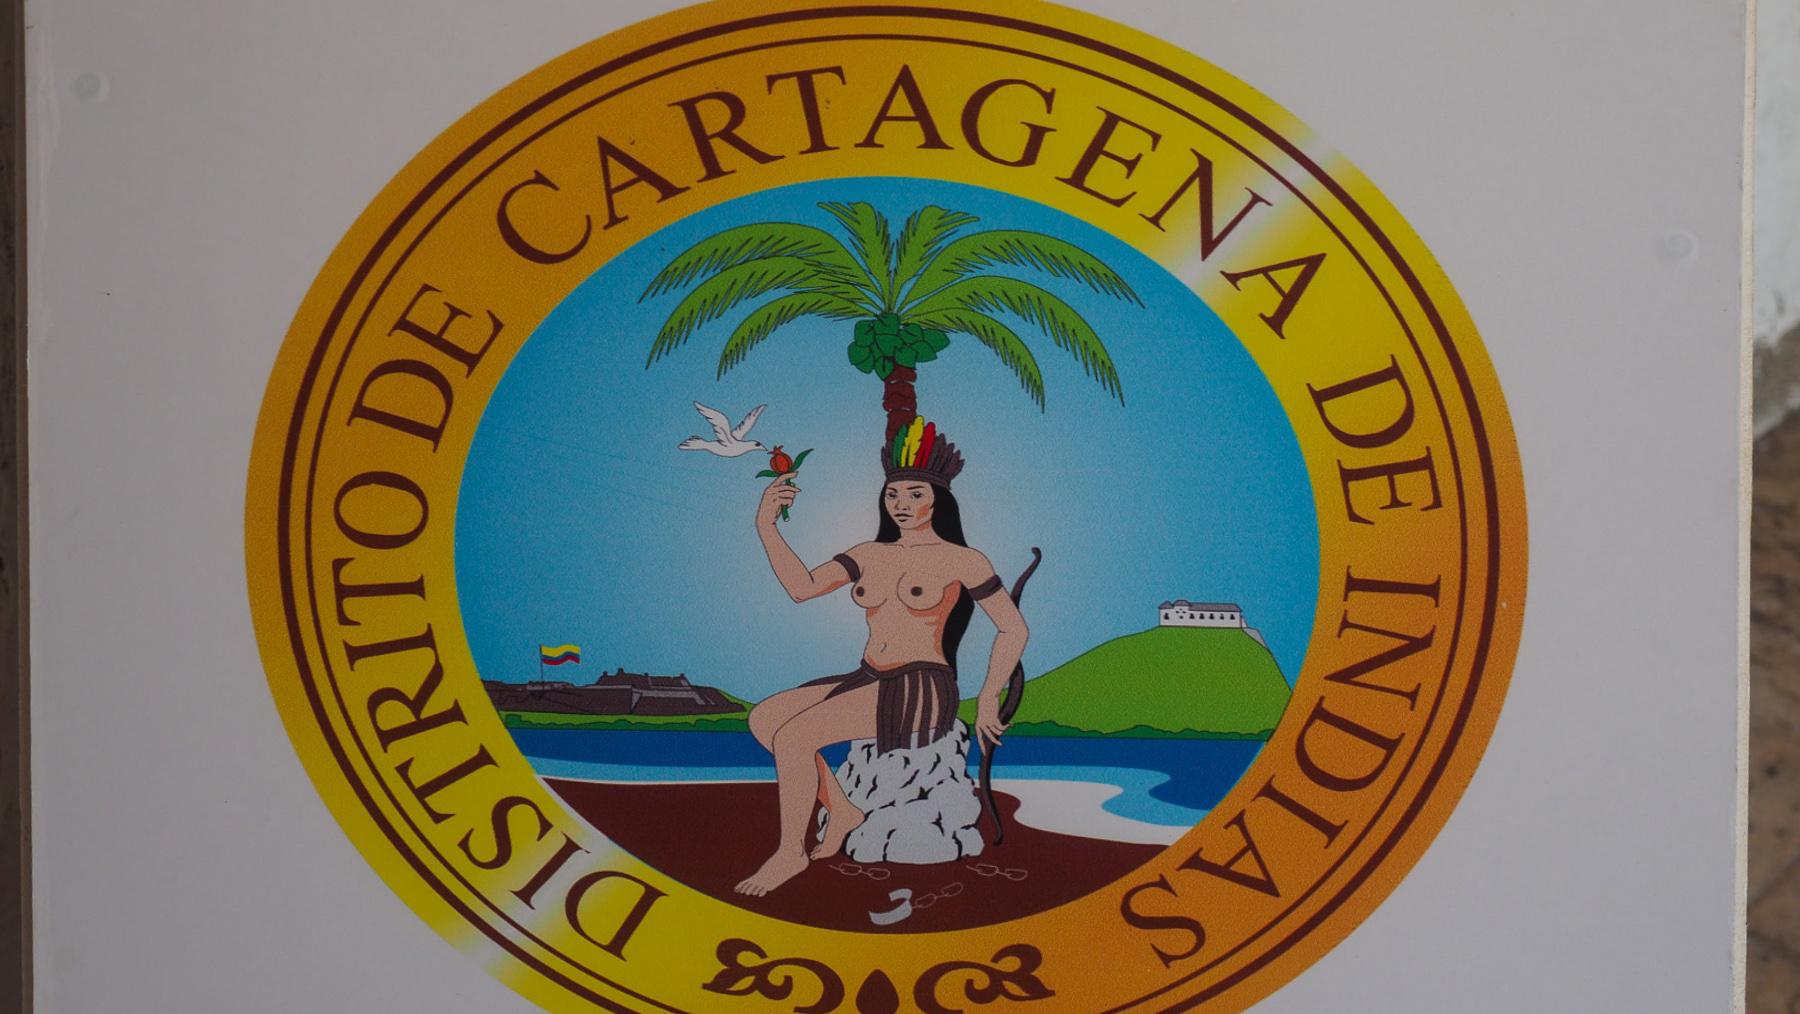 Cartagena, Kolumbien – eine tolle Stadt!